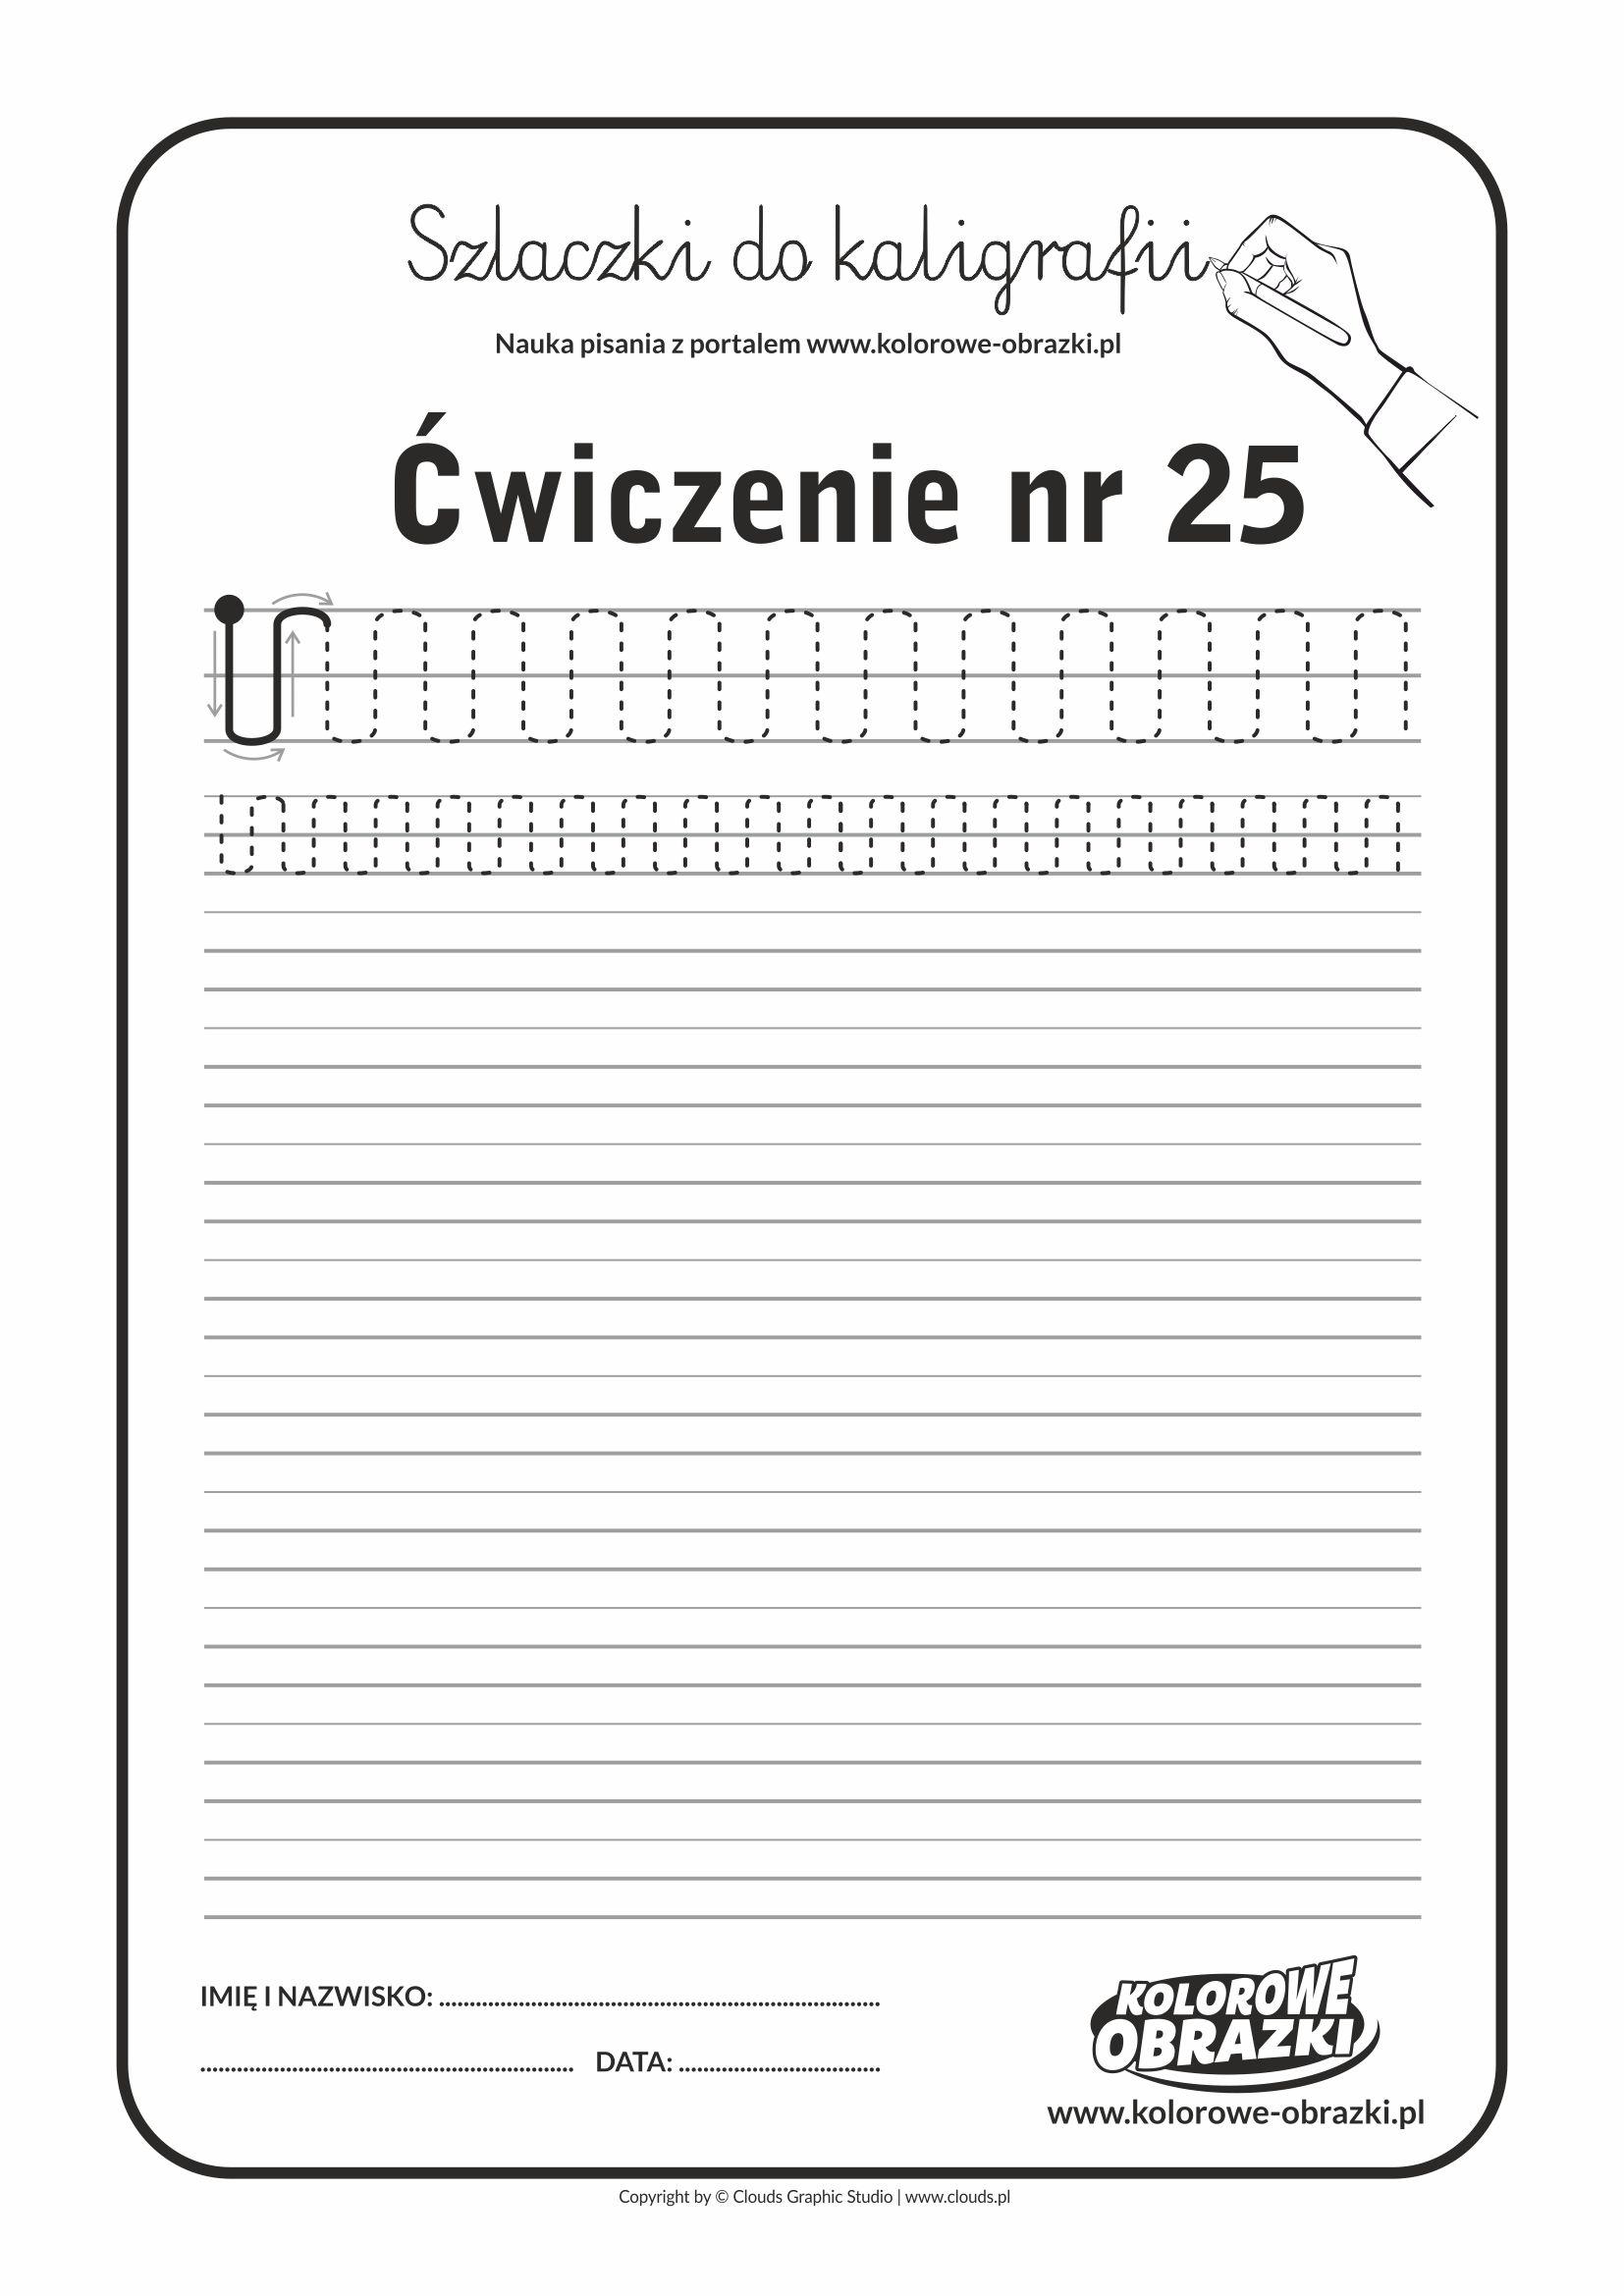 Kaligrafia dla dzieci - Ćwiczenia kaligraficzne / Szlaczki / Ćwiczenie nr 25